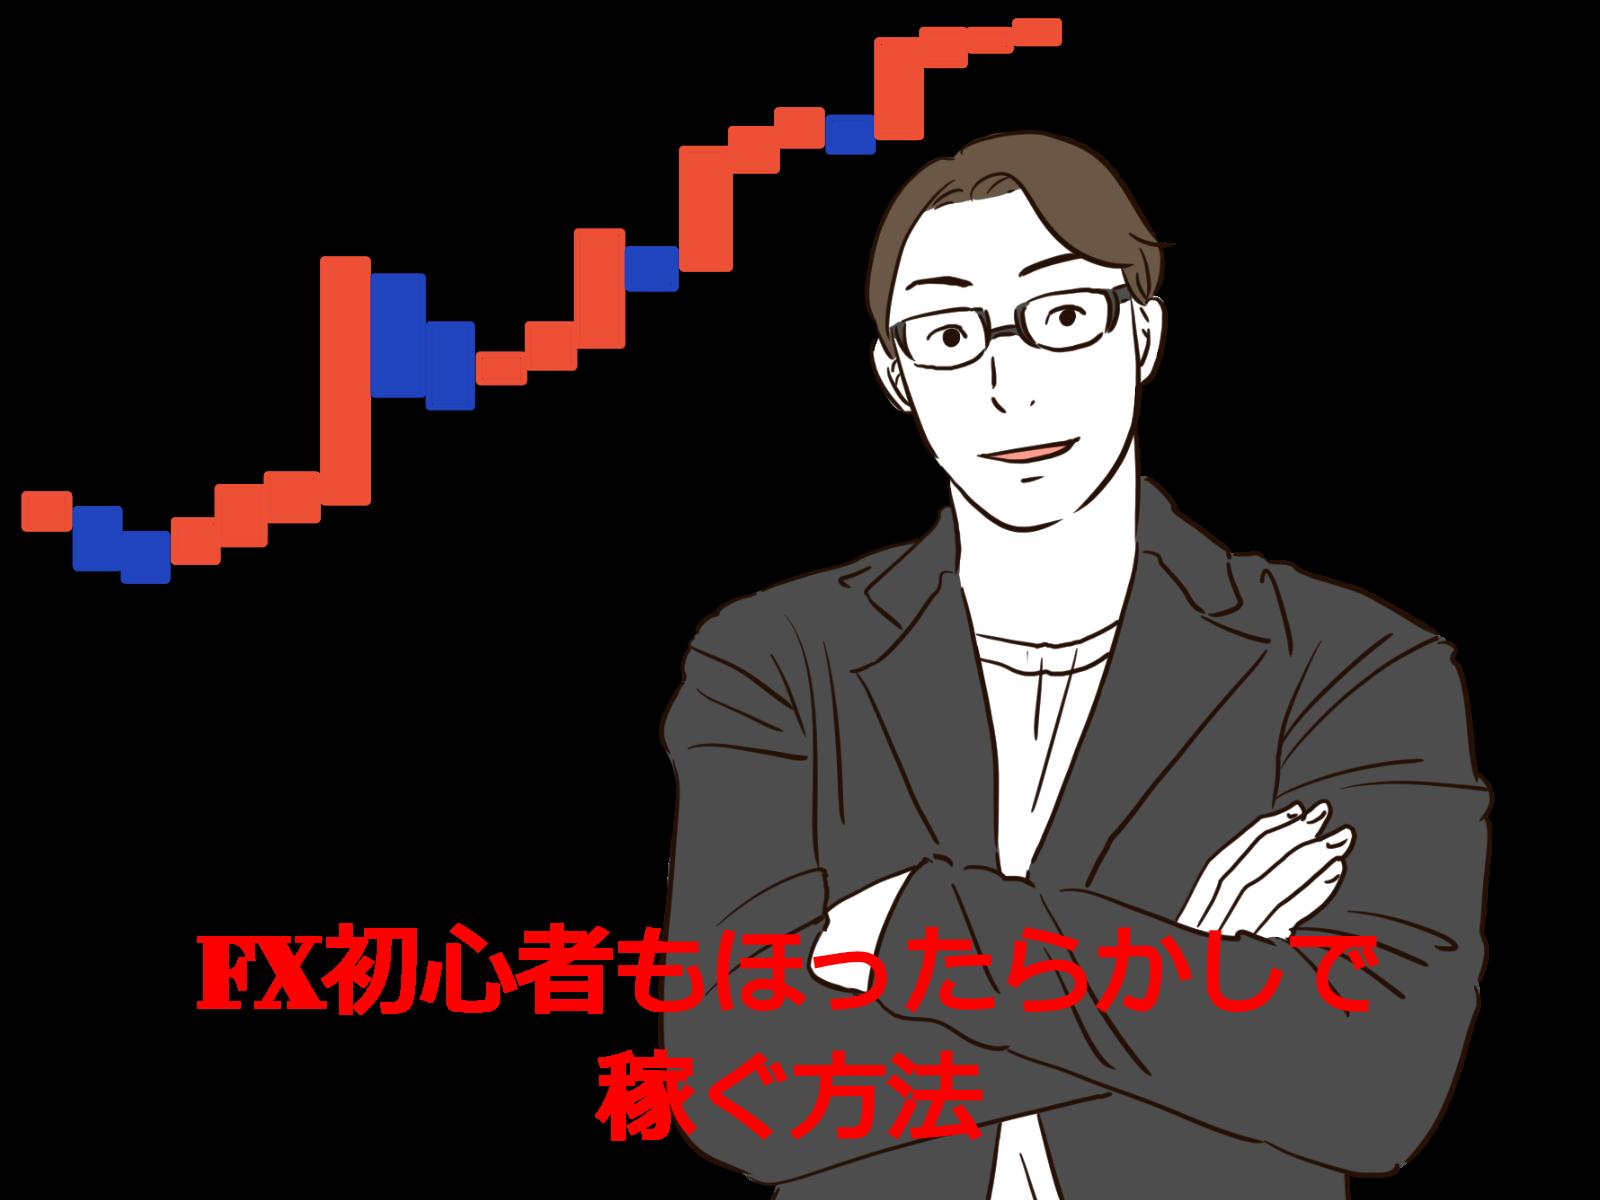 【超初心者向け】FX初心者もほったらかしで稼ぐ方法